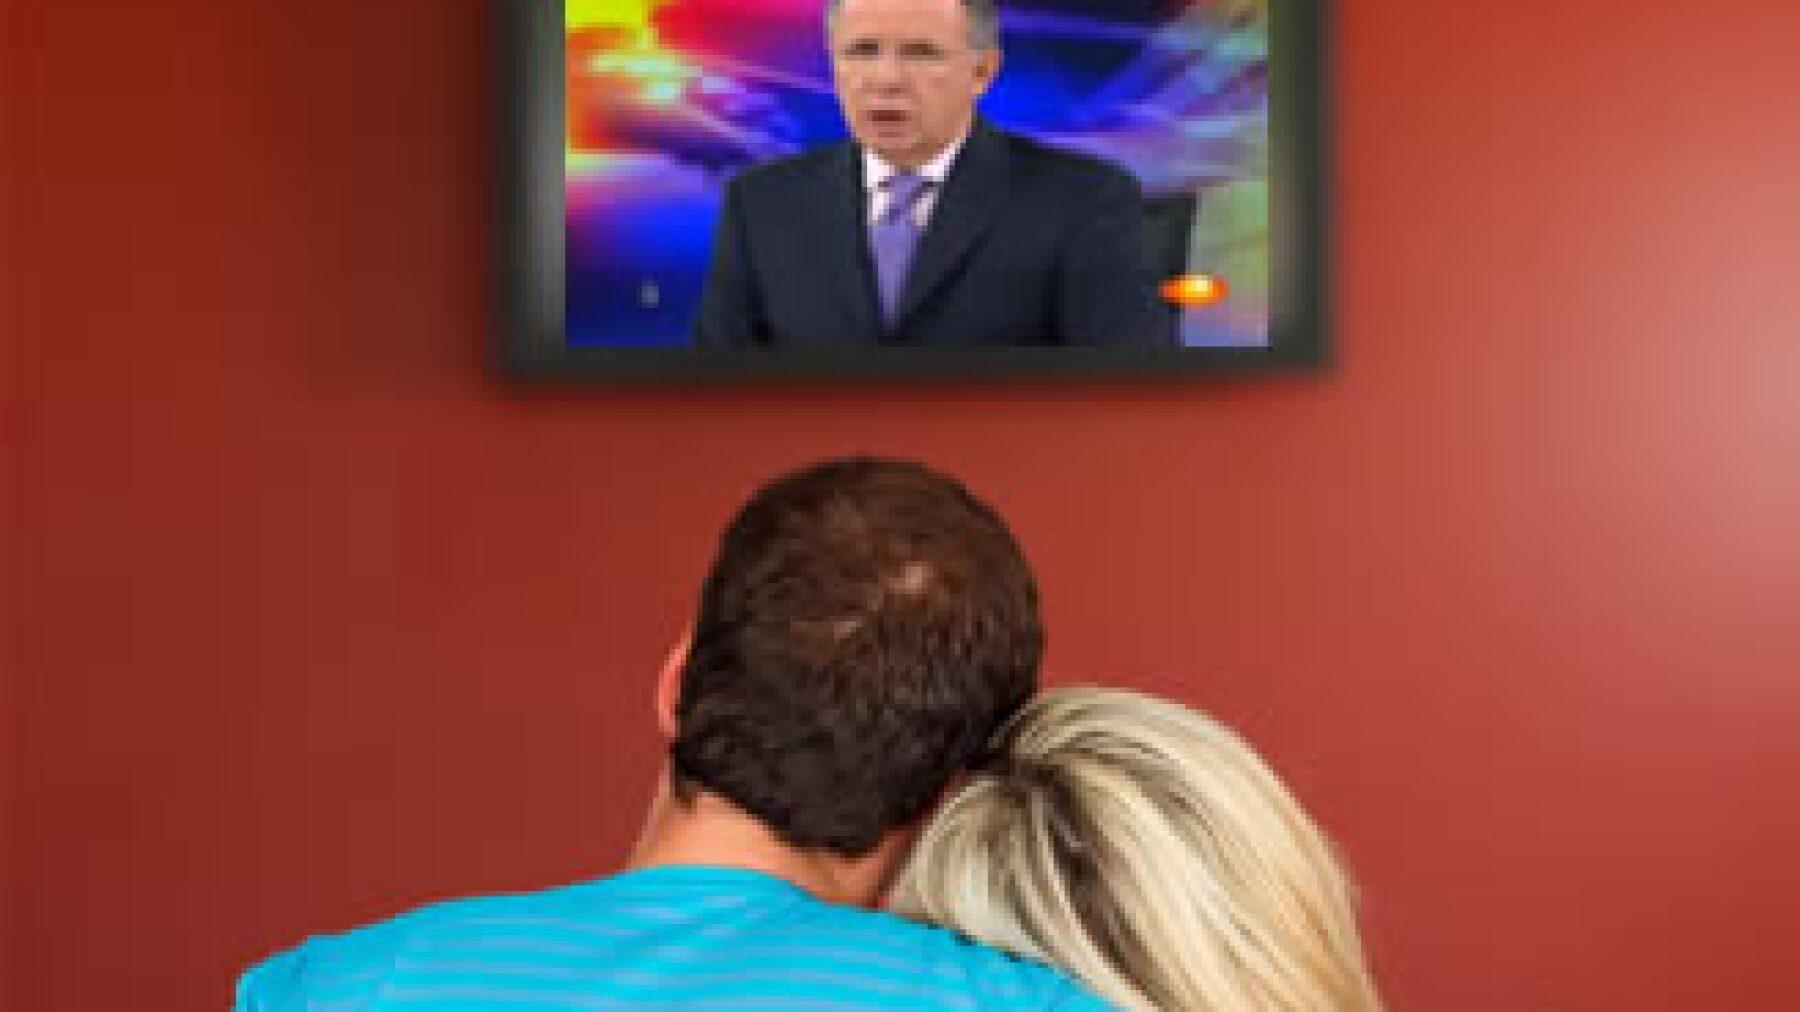 En noviembre del 2010 el noticiero principal de Televisas transmitió un audio donde se mencionó a Miguel Ángel Toscano, titular de Cofepris, en un presunto caso de soborno. (Foto: Especial)